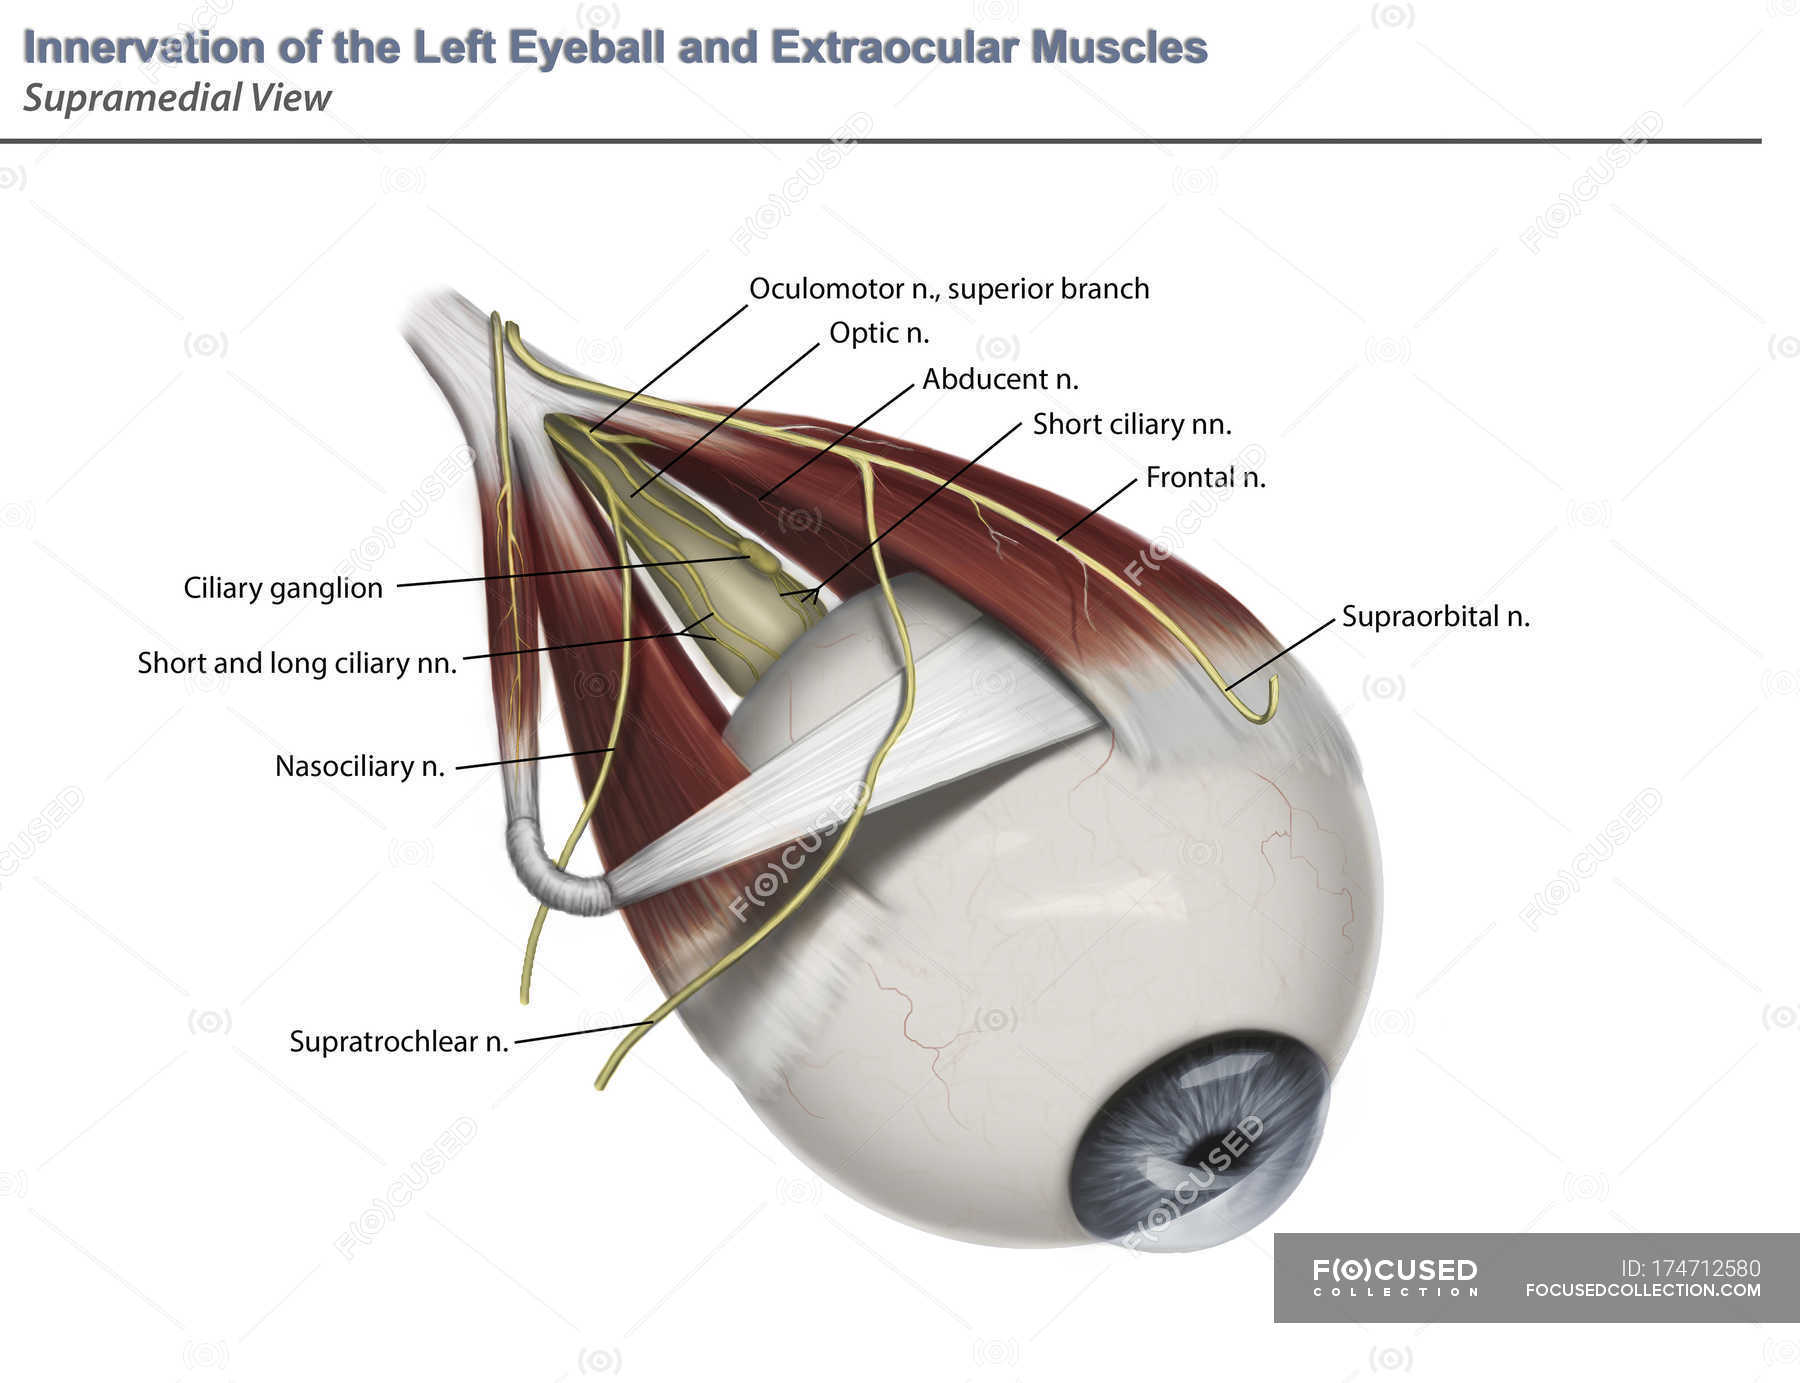 Supramedial Auge Anatomie des Muskels Innervation mit Anmerkungen ...